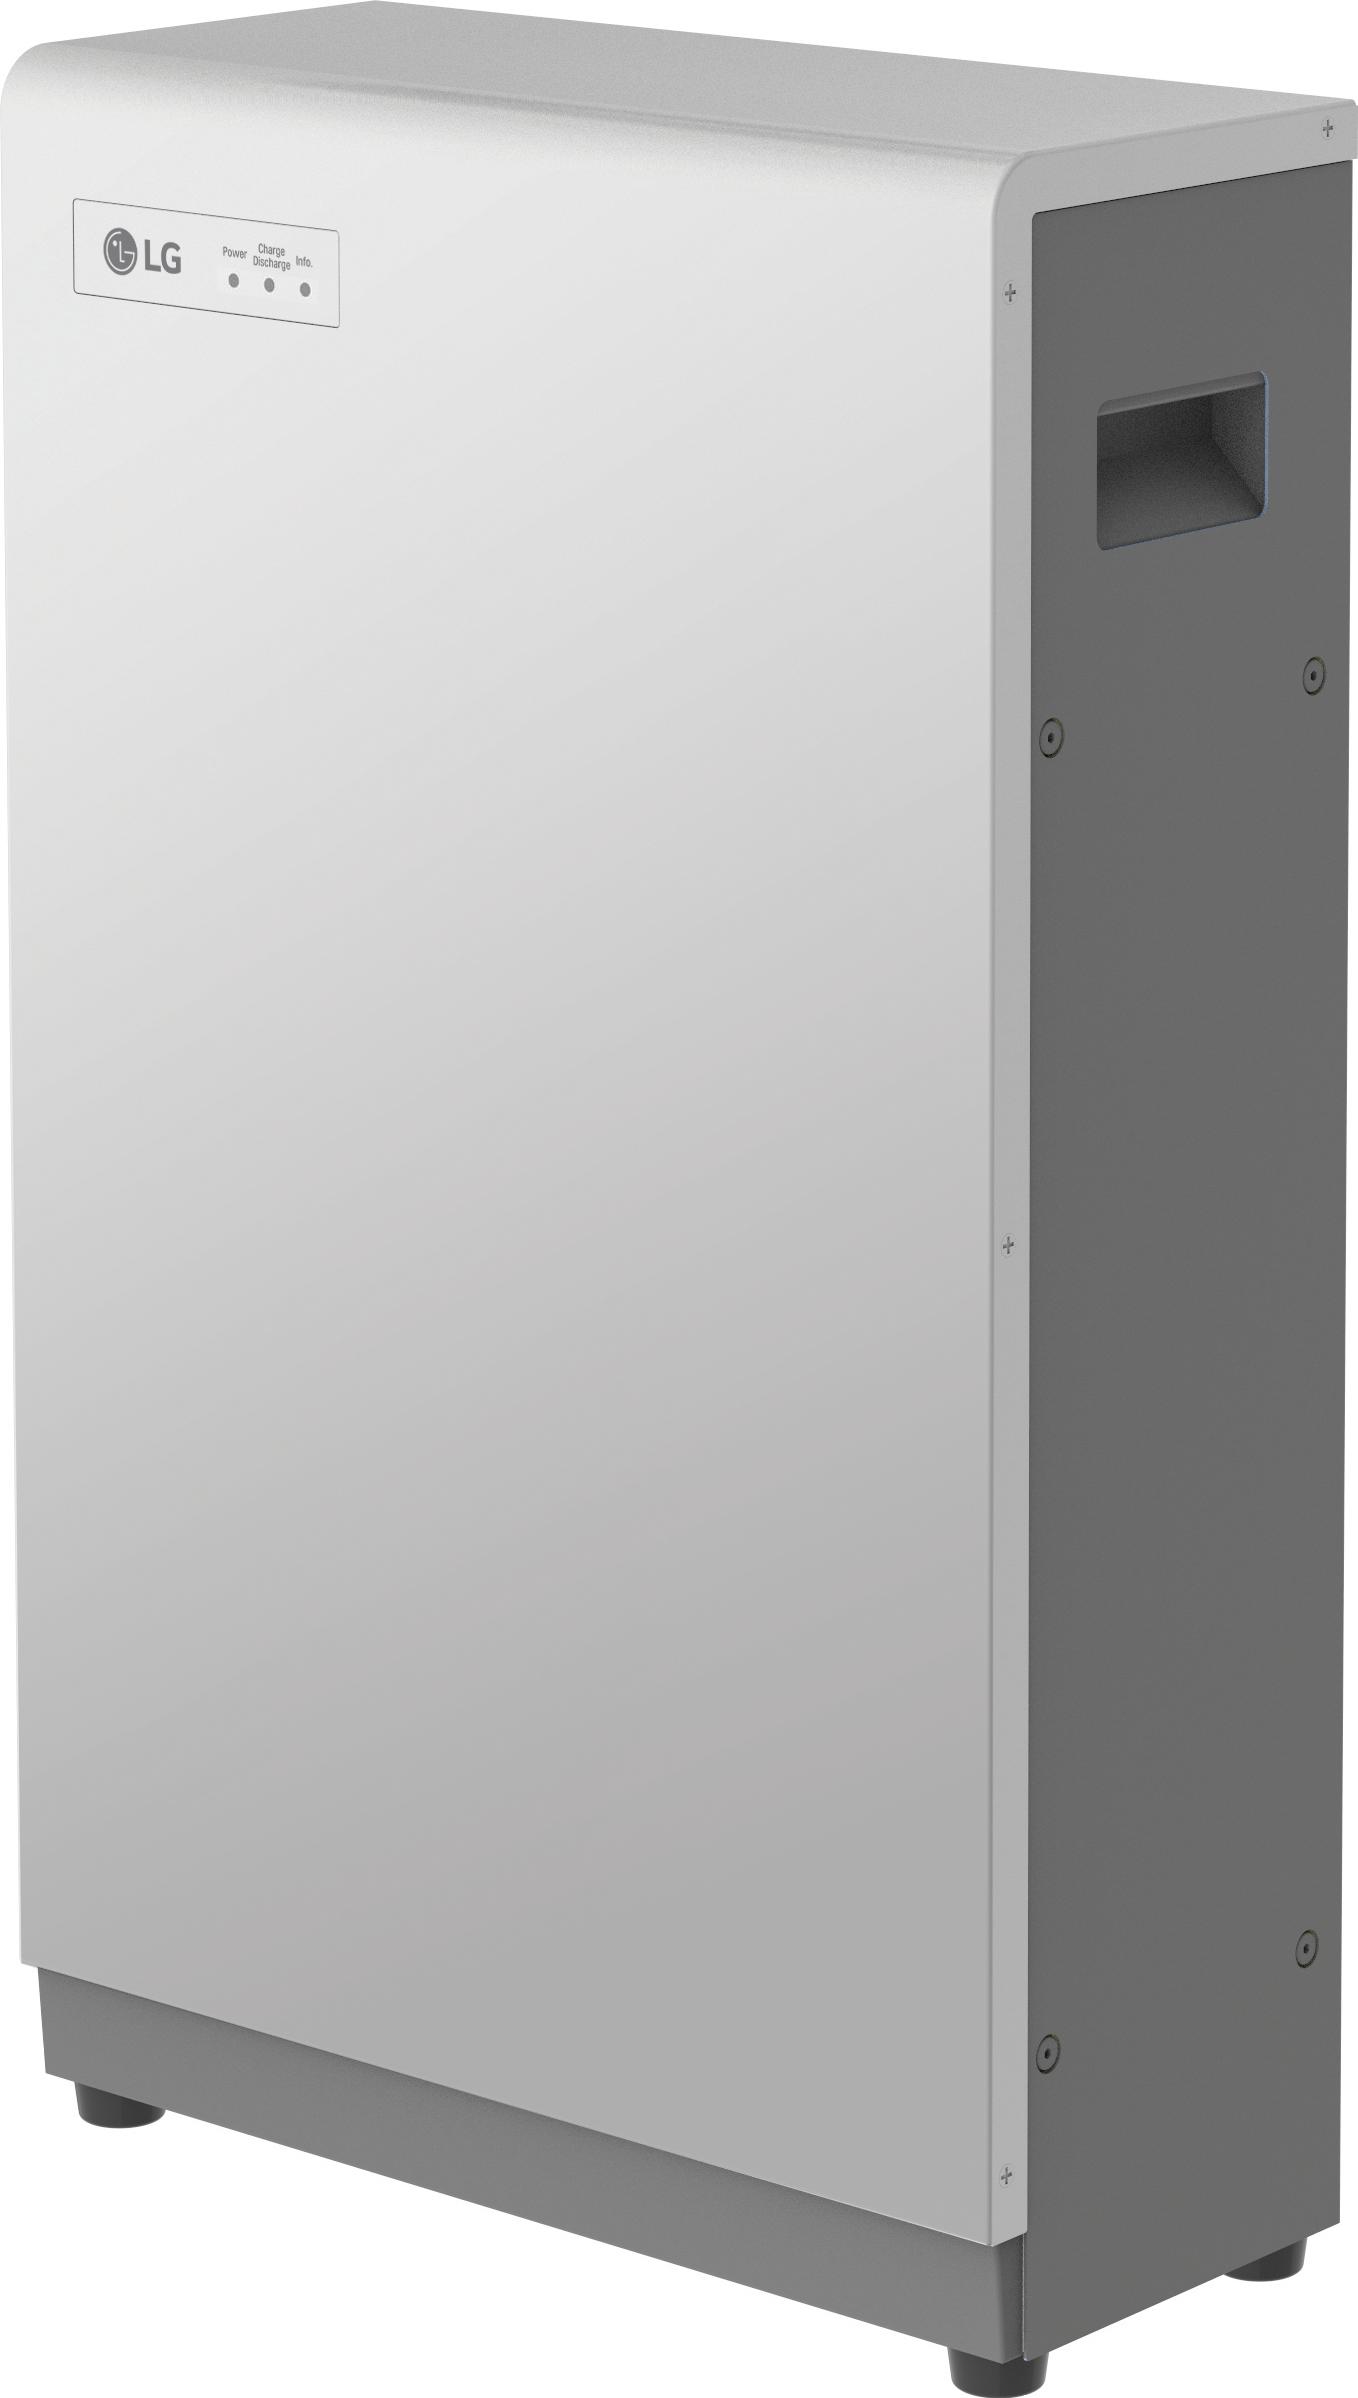 strom effizient speichern und verwalten lg solar erweitert portfolio um energiespeichersystem ikz. Black Bedroom Furniture Sets. Home Design Ideas